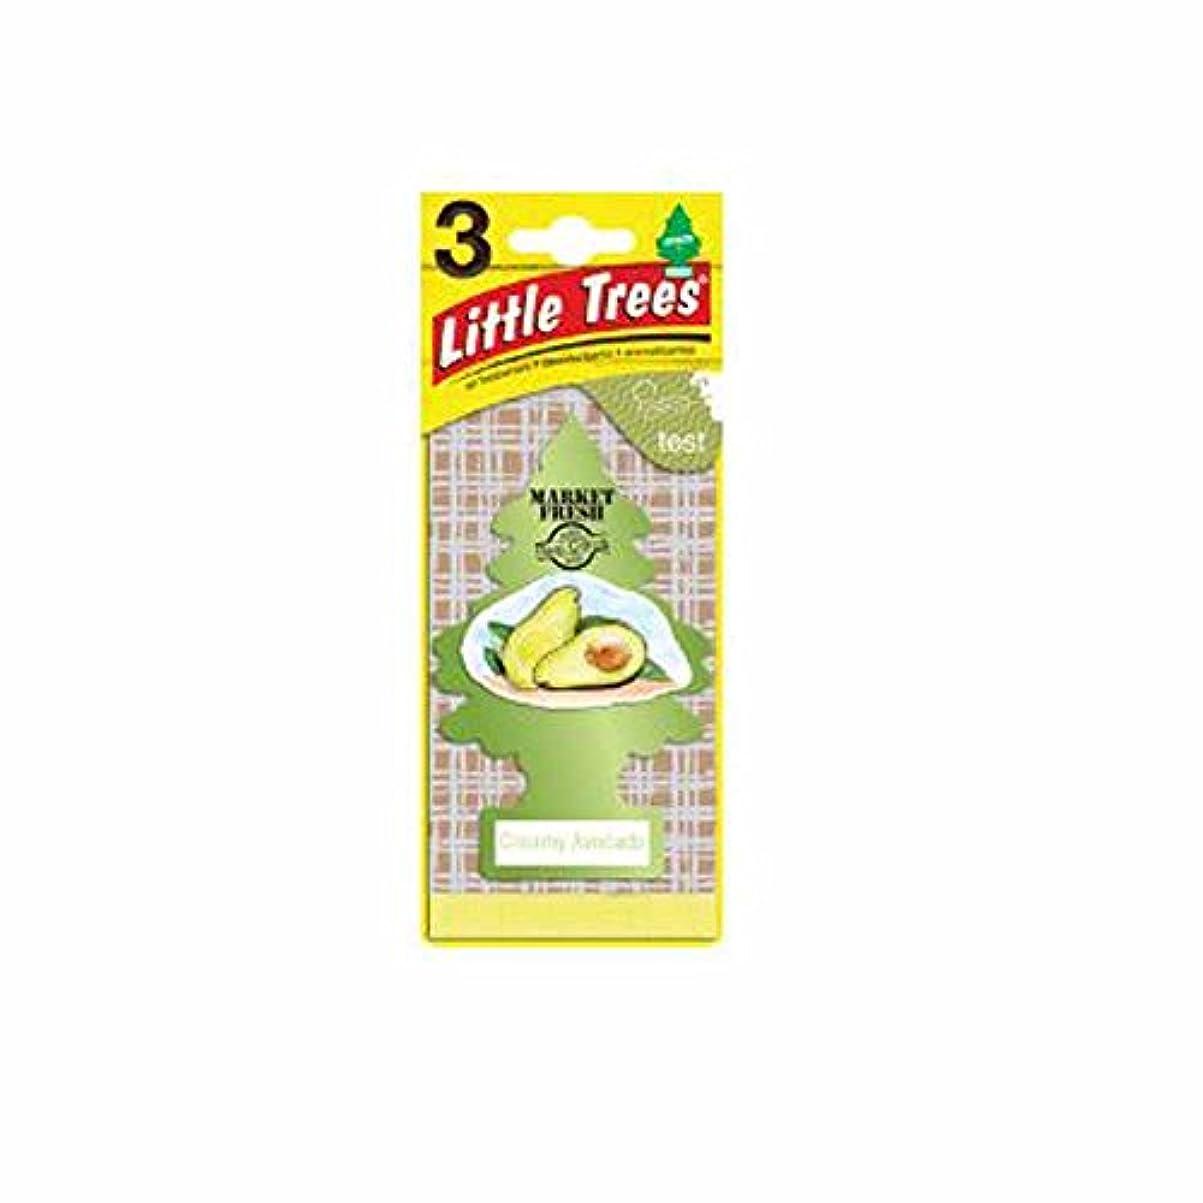 外向き肯定的死にかけているLittle Trees 吊下げタイプ エアーフレッシュナー creamy avocado(クリーミーアボカド) 3枚セット(3P) U3S-37340